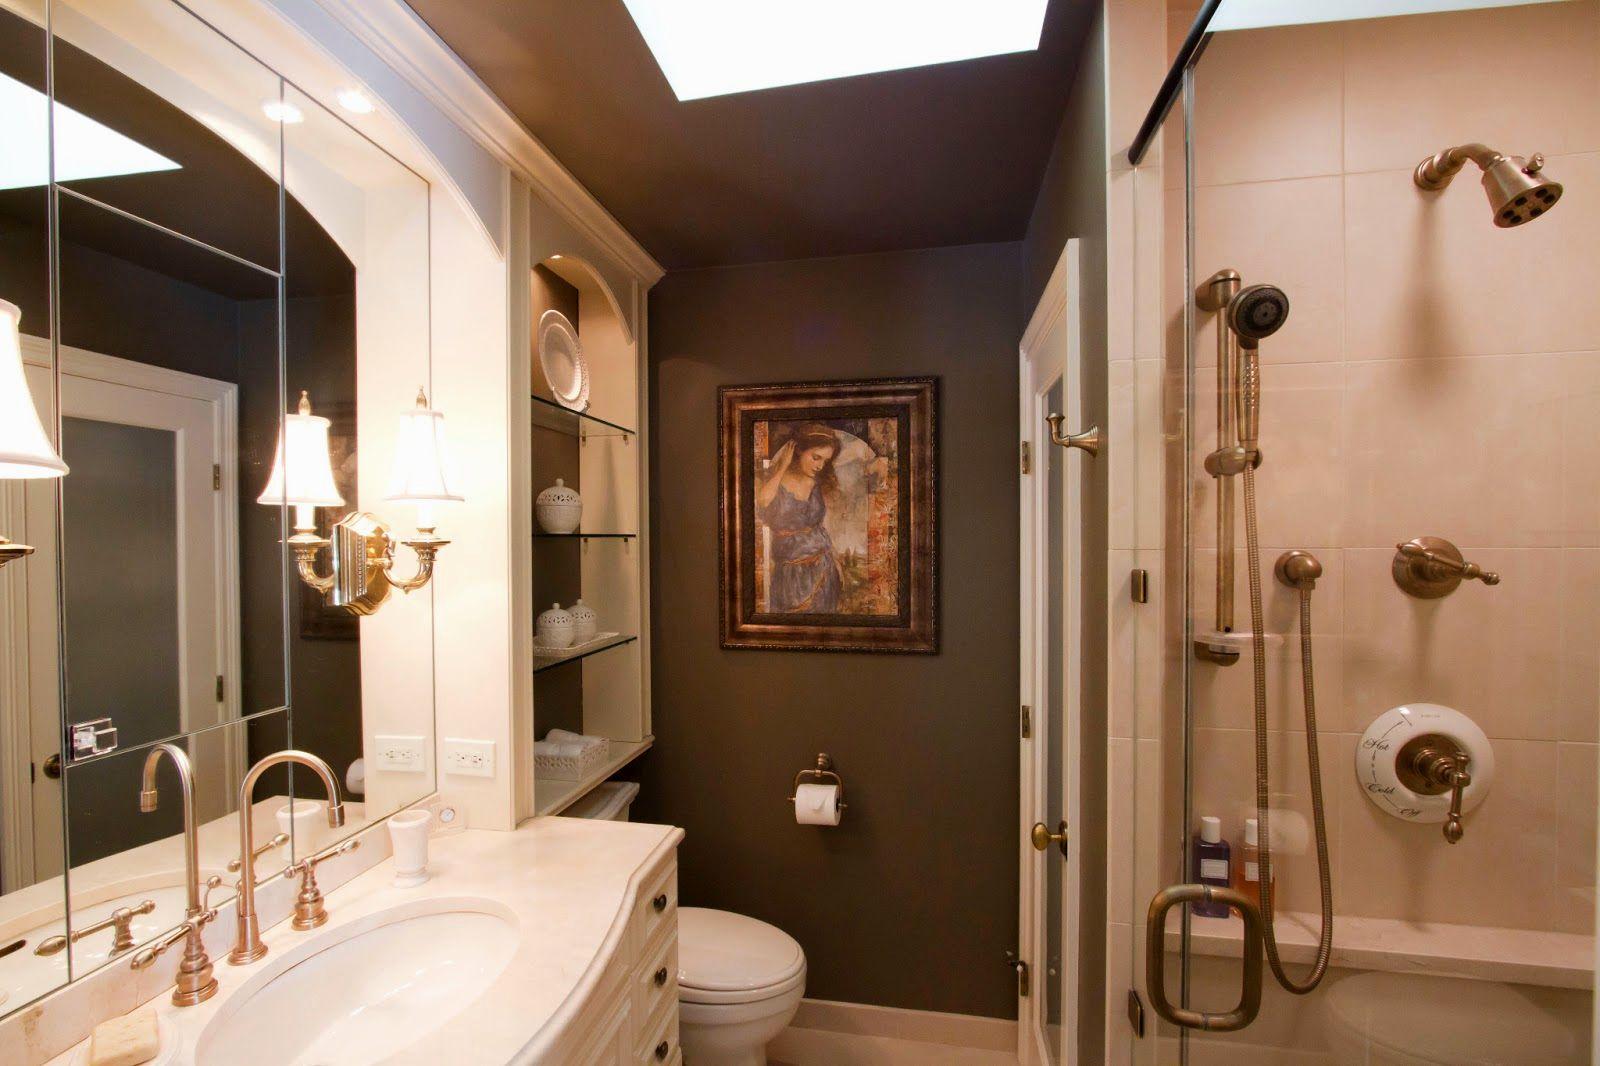 fancy floating shelves bathroom concept-Wonderful Floating Shelves Bathroom Picture